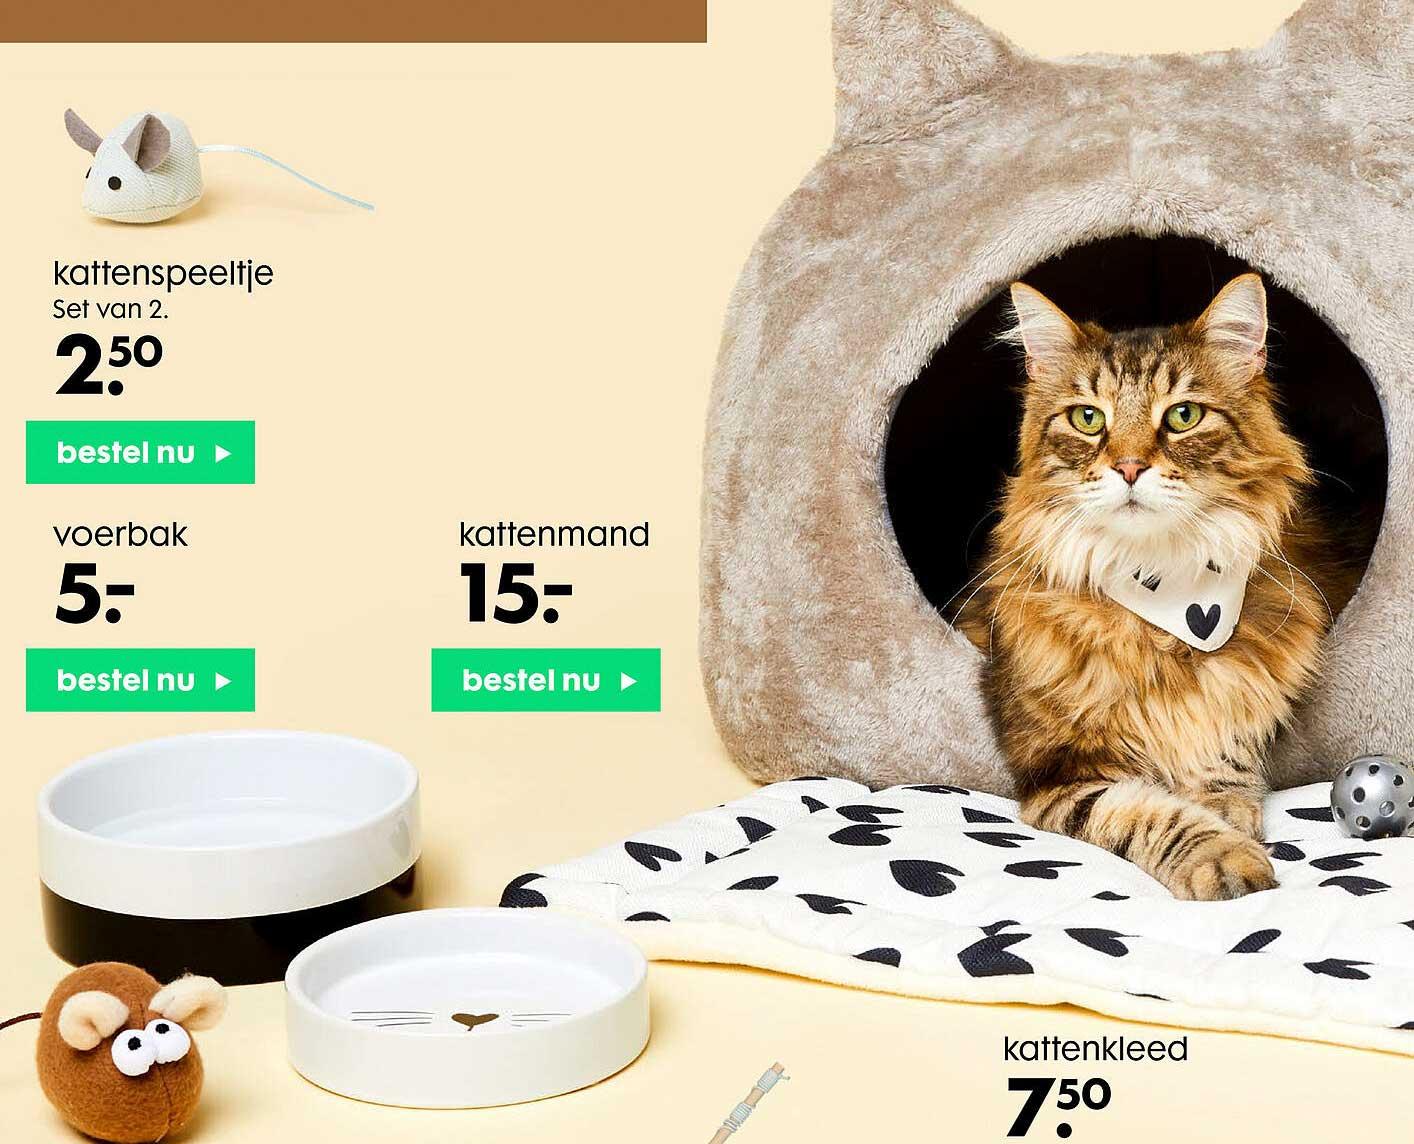 HEMA Kattenspeeltje, Voerbak Of Kattenmand